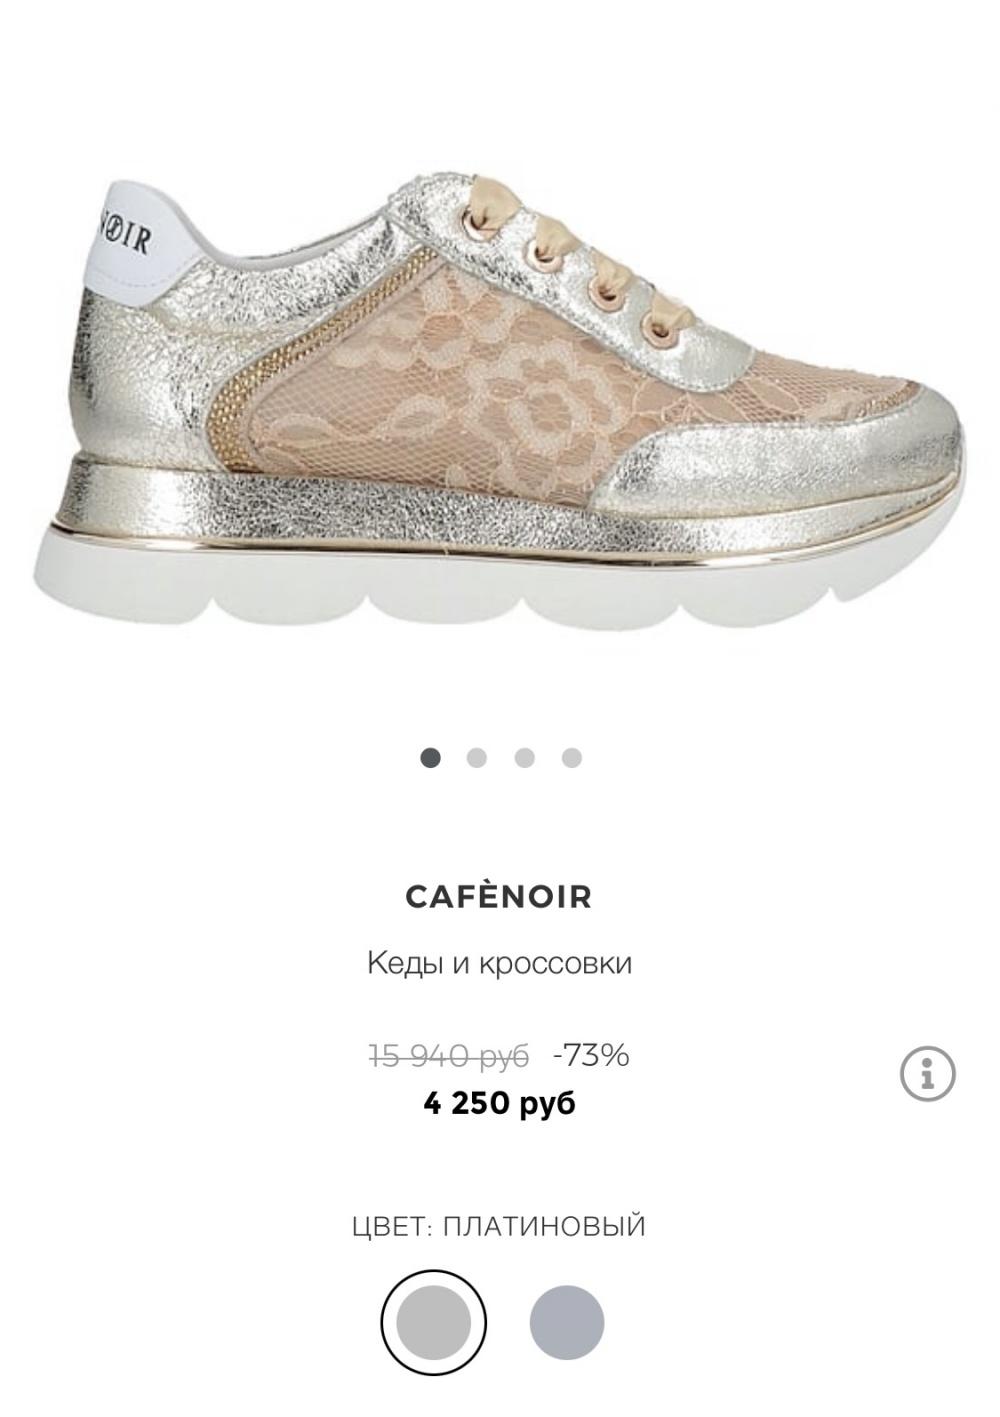 Кроссовки, Cafenoir, 40 размер